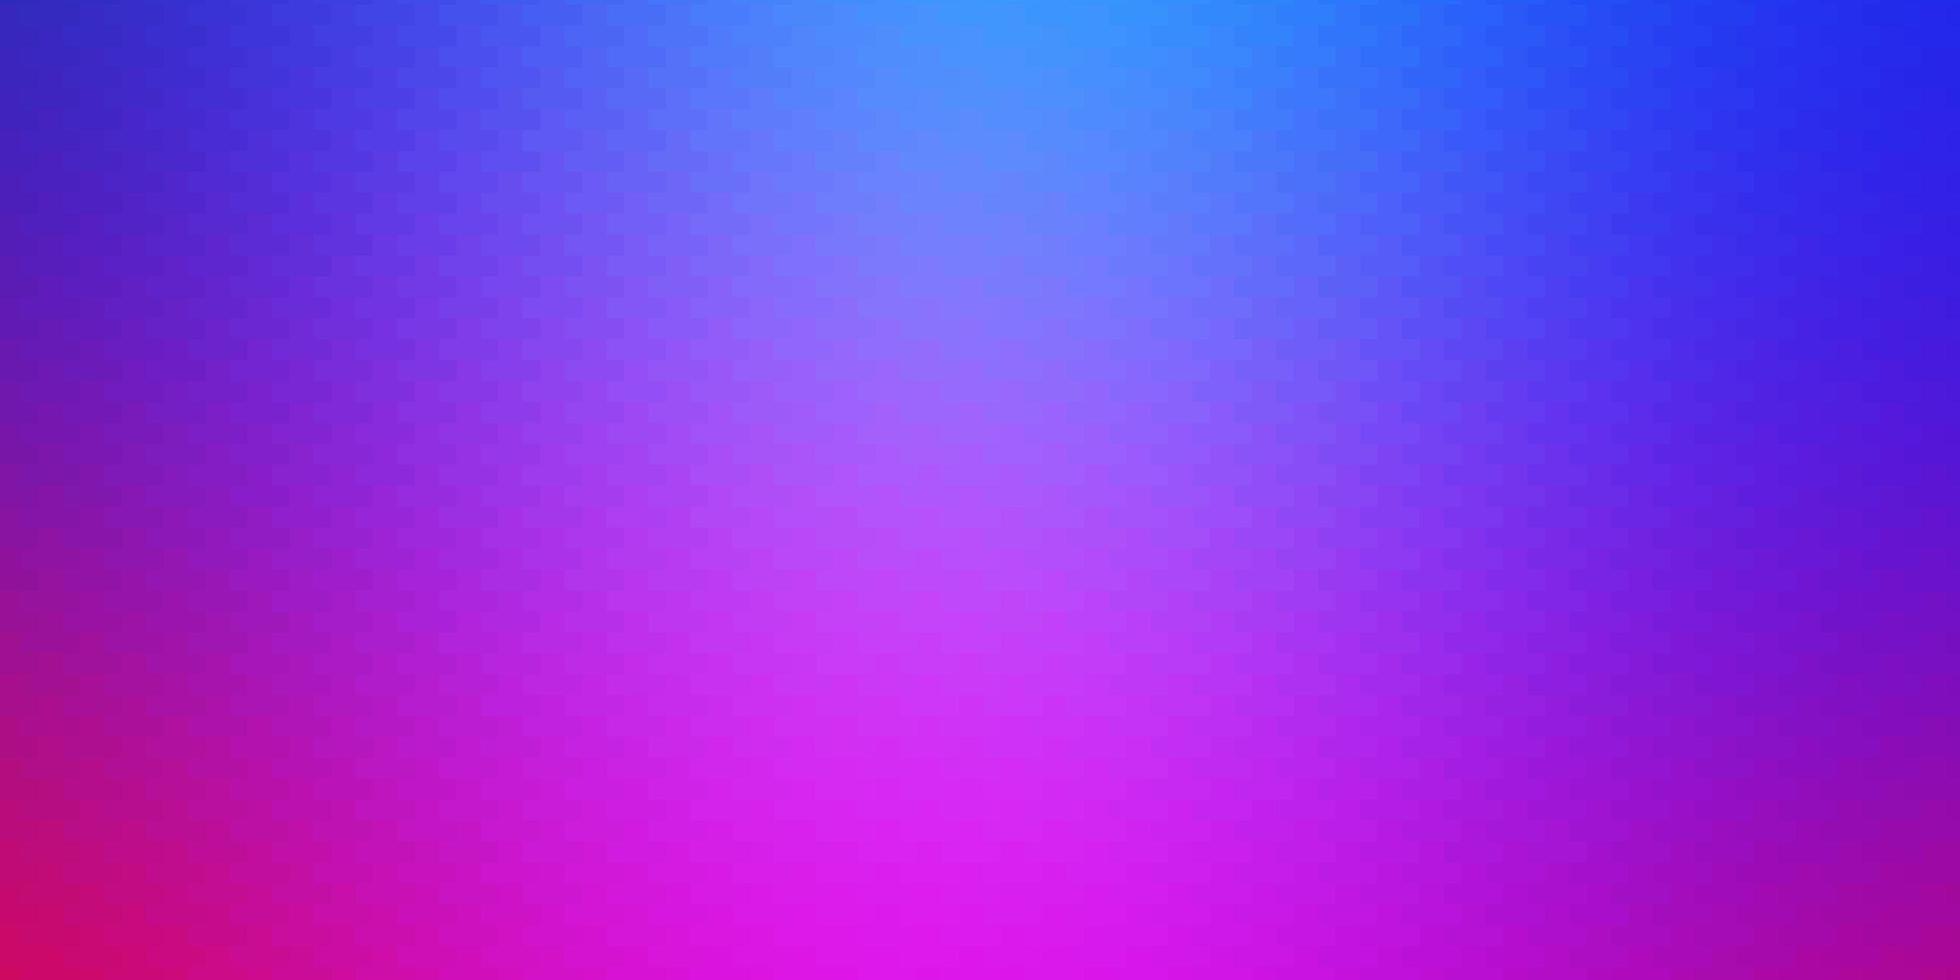 hellrosa, blauer Hintergrund im polygonalen Stil. vektor